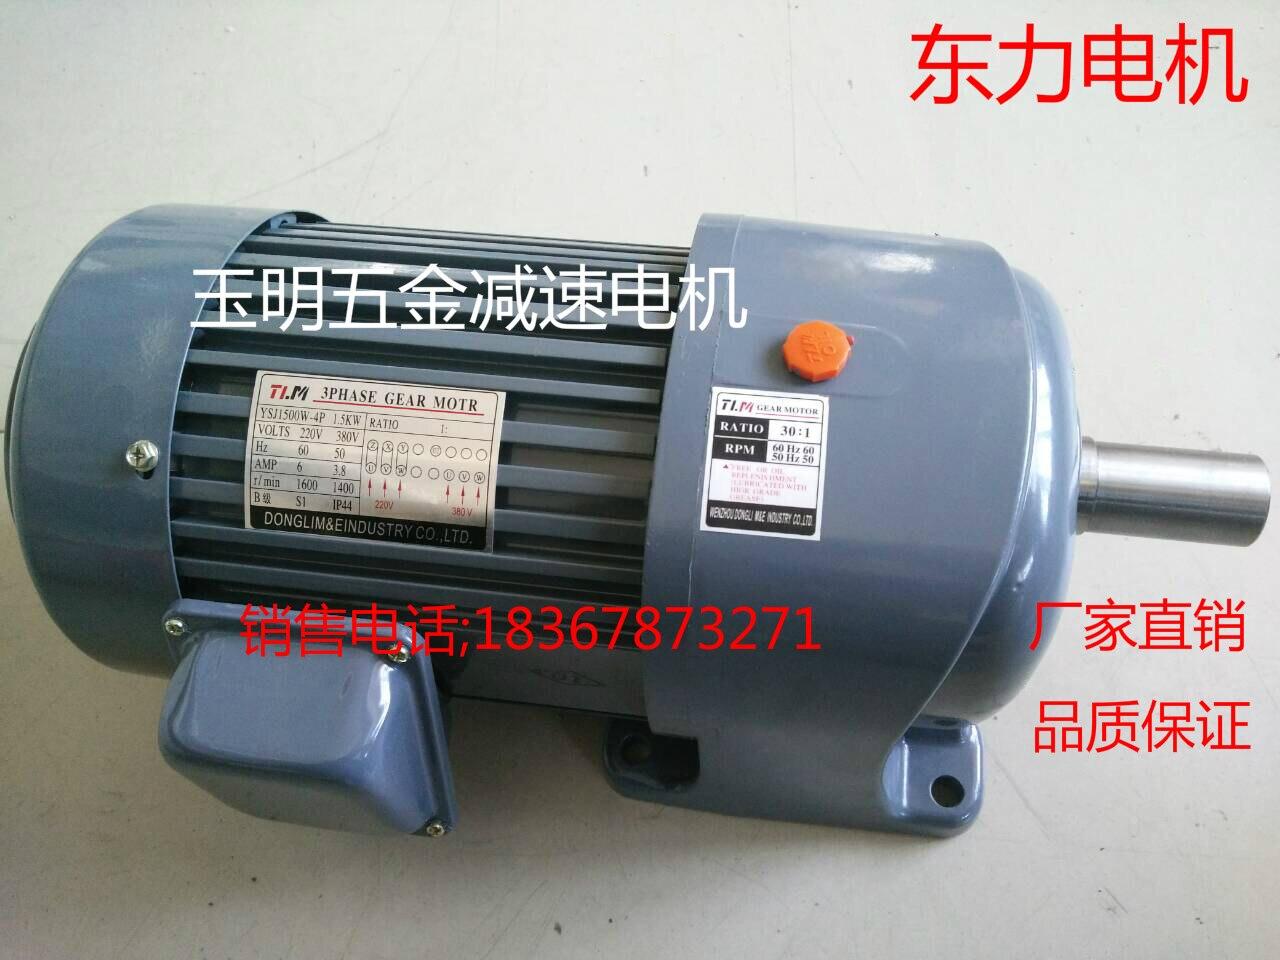 Трехфазный 380 В 220 В мотор редуктор 1,5 кВт двигатель скорости 1500 Вт вертикальный вал 32 скорость соотношение 1: 60